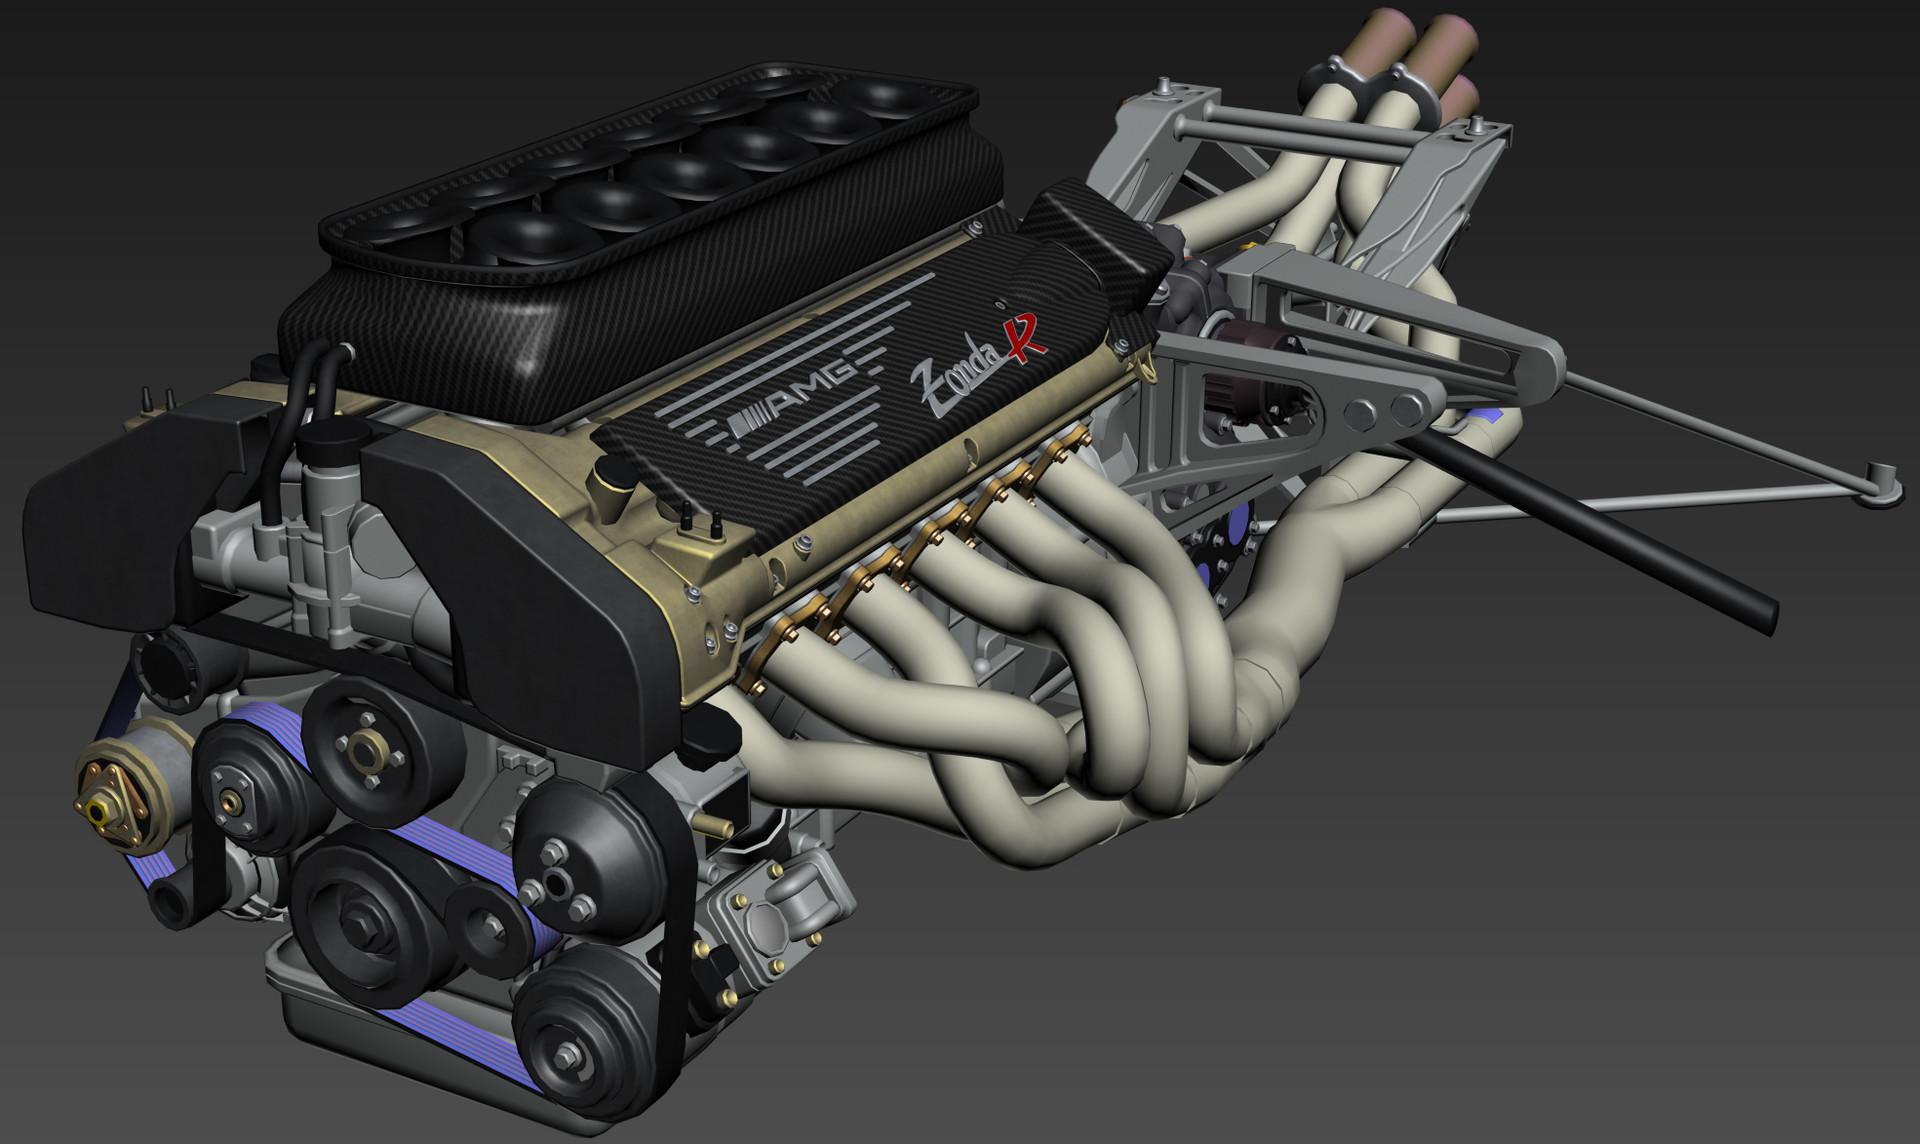 ArtStation - Pagani Zonda R engine bay, Andrea Sanna